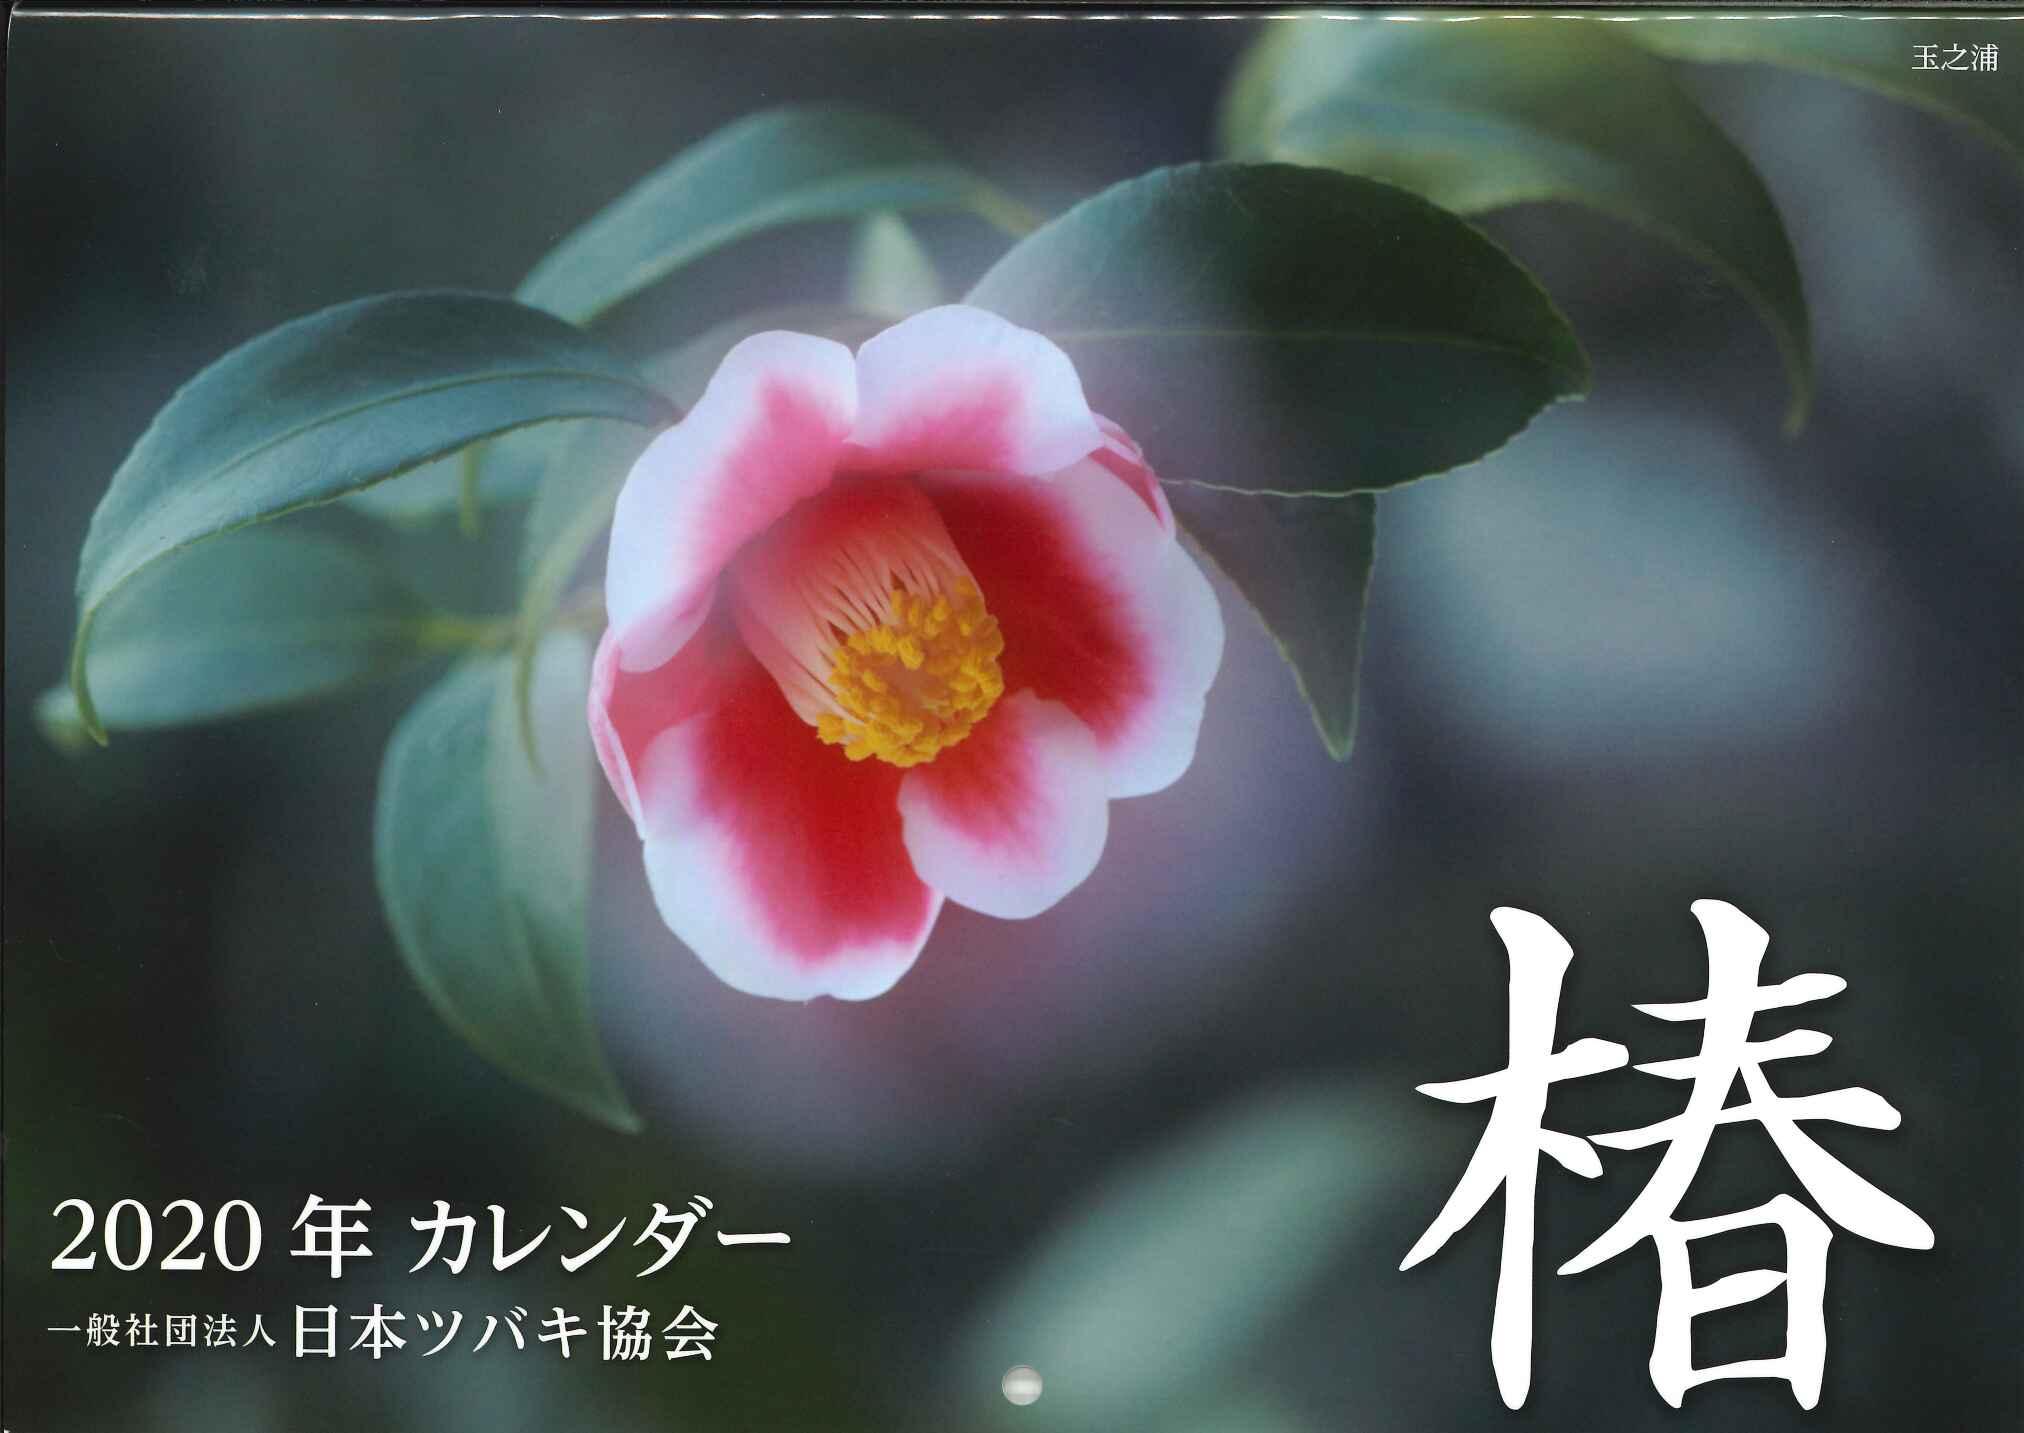 日本ツバキ協会トップバナー